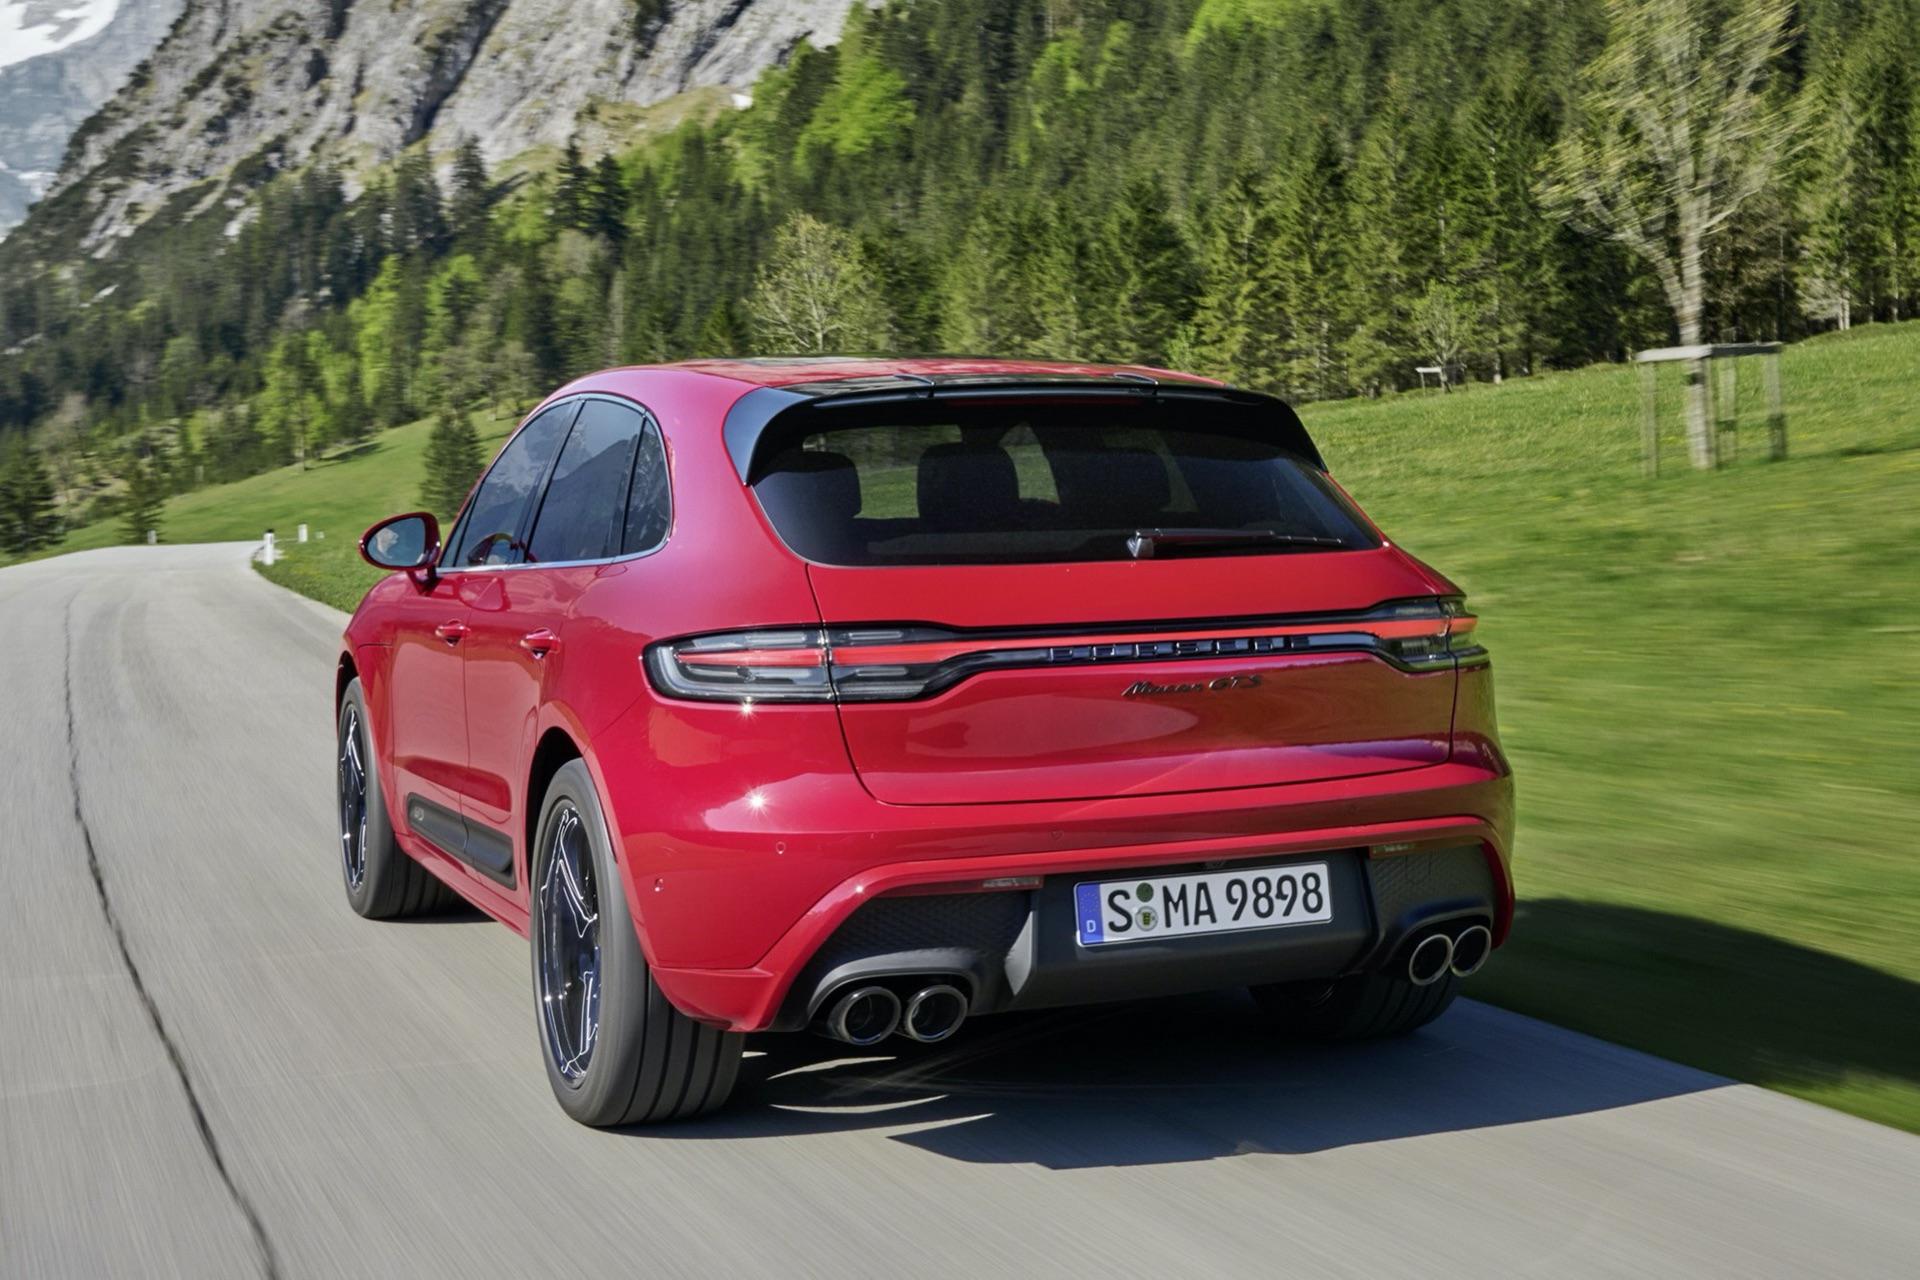 Porsche-Macan-Facelift-4